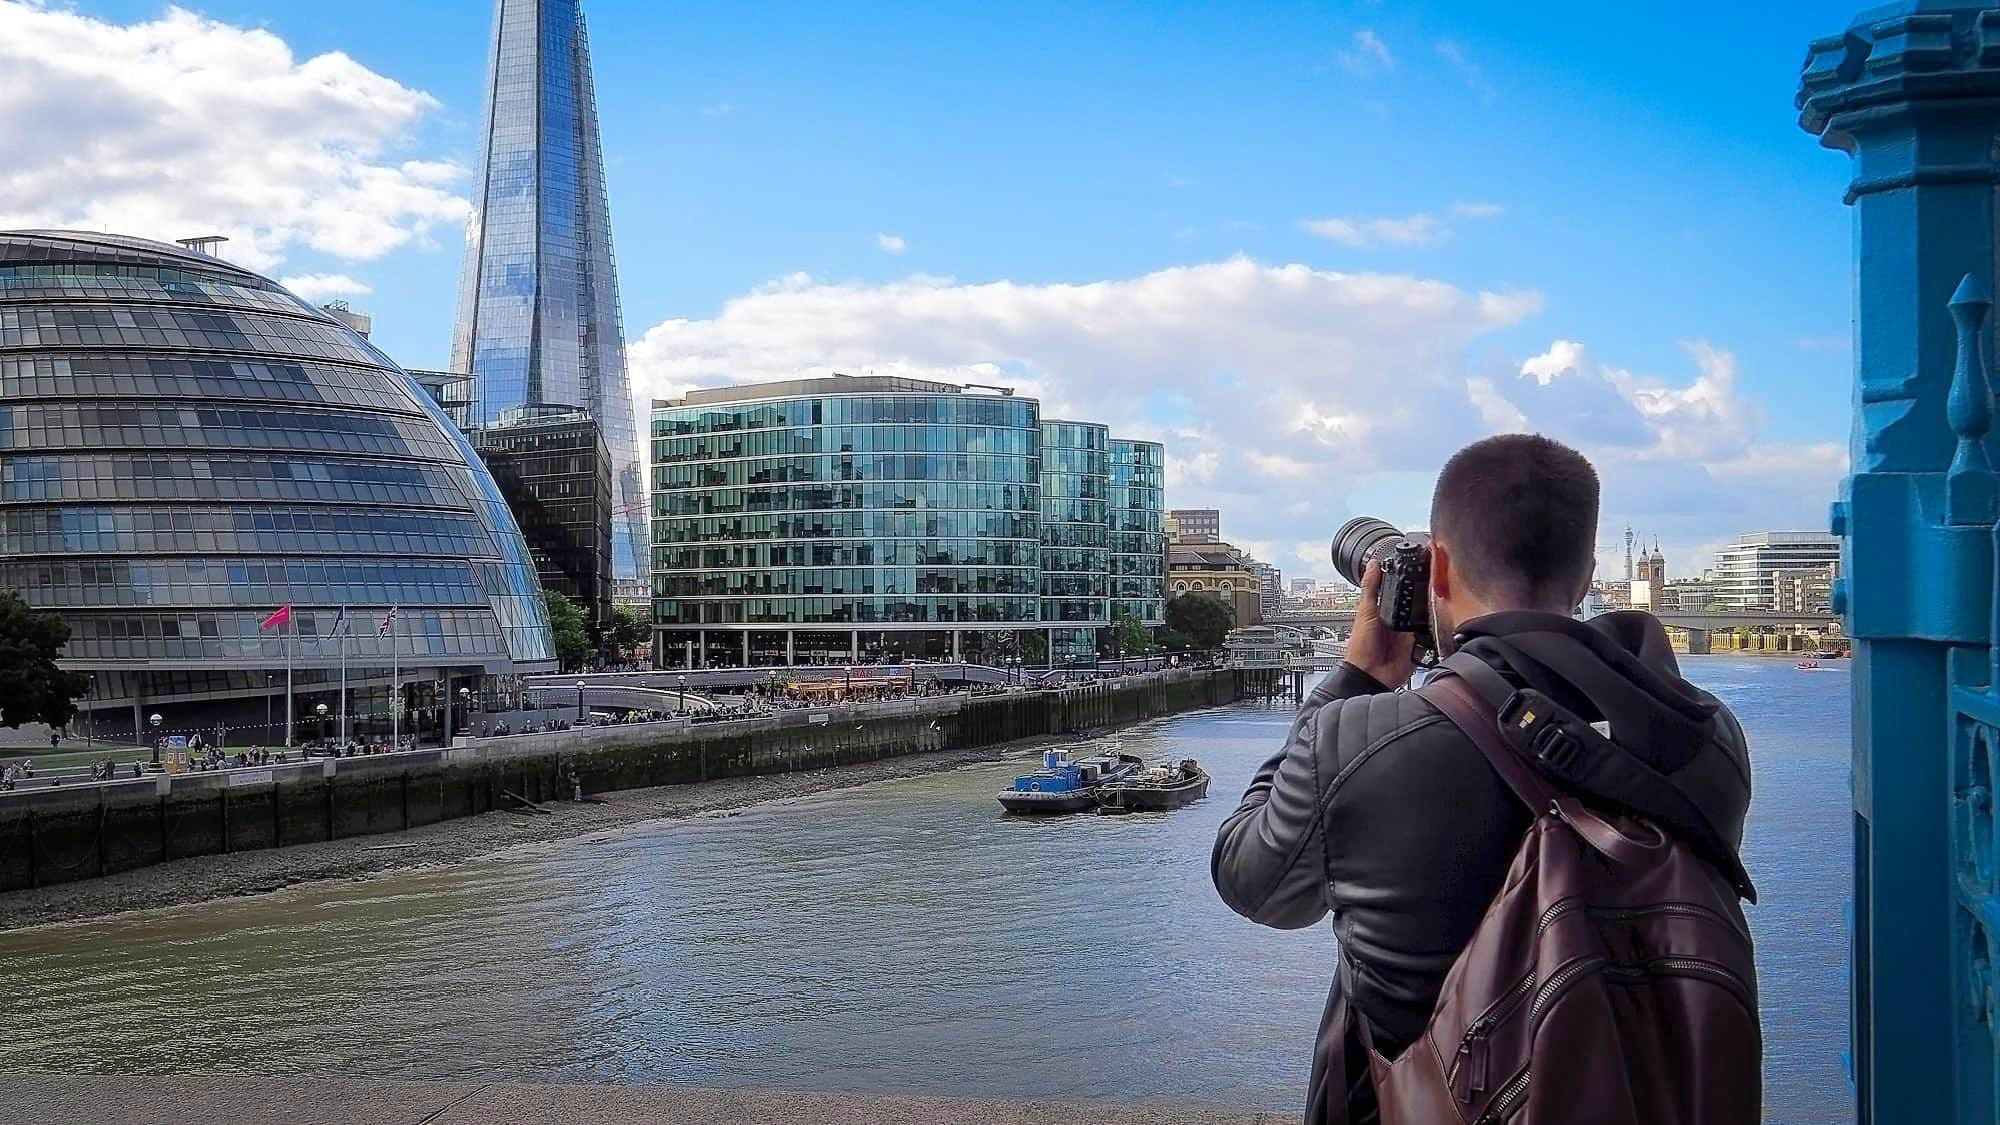 Dnde hacer las mejores fotos de Londres 2019